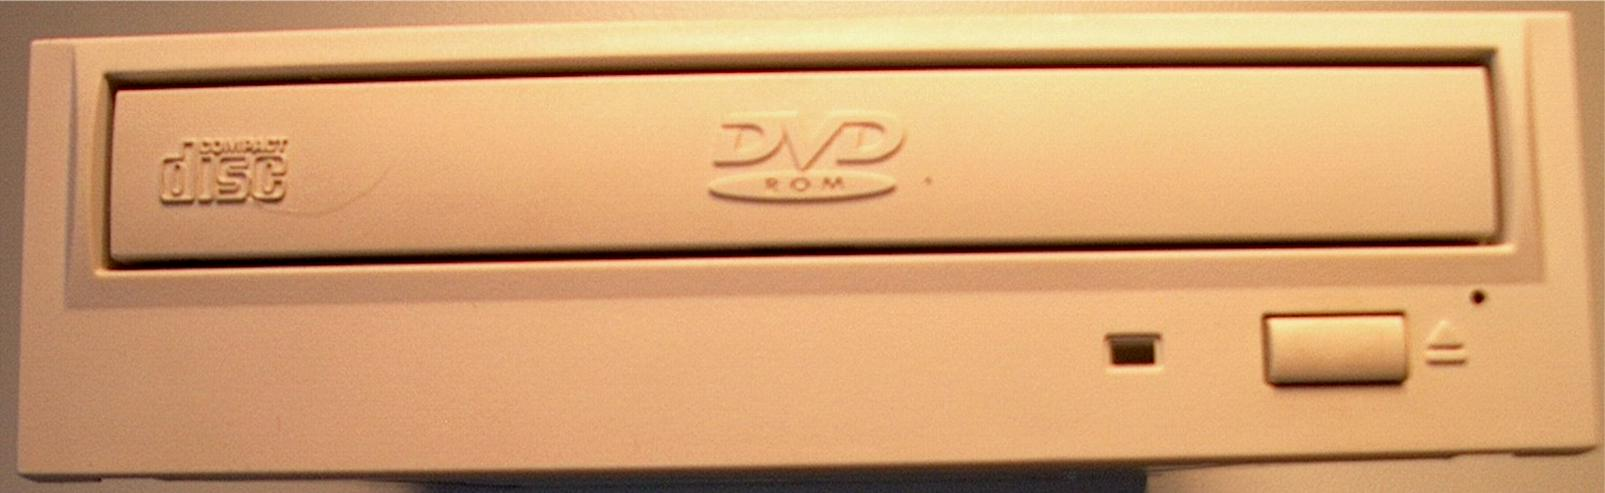 DVD Laufwerk Toshiba SD-M1502